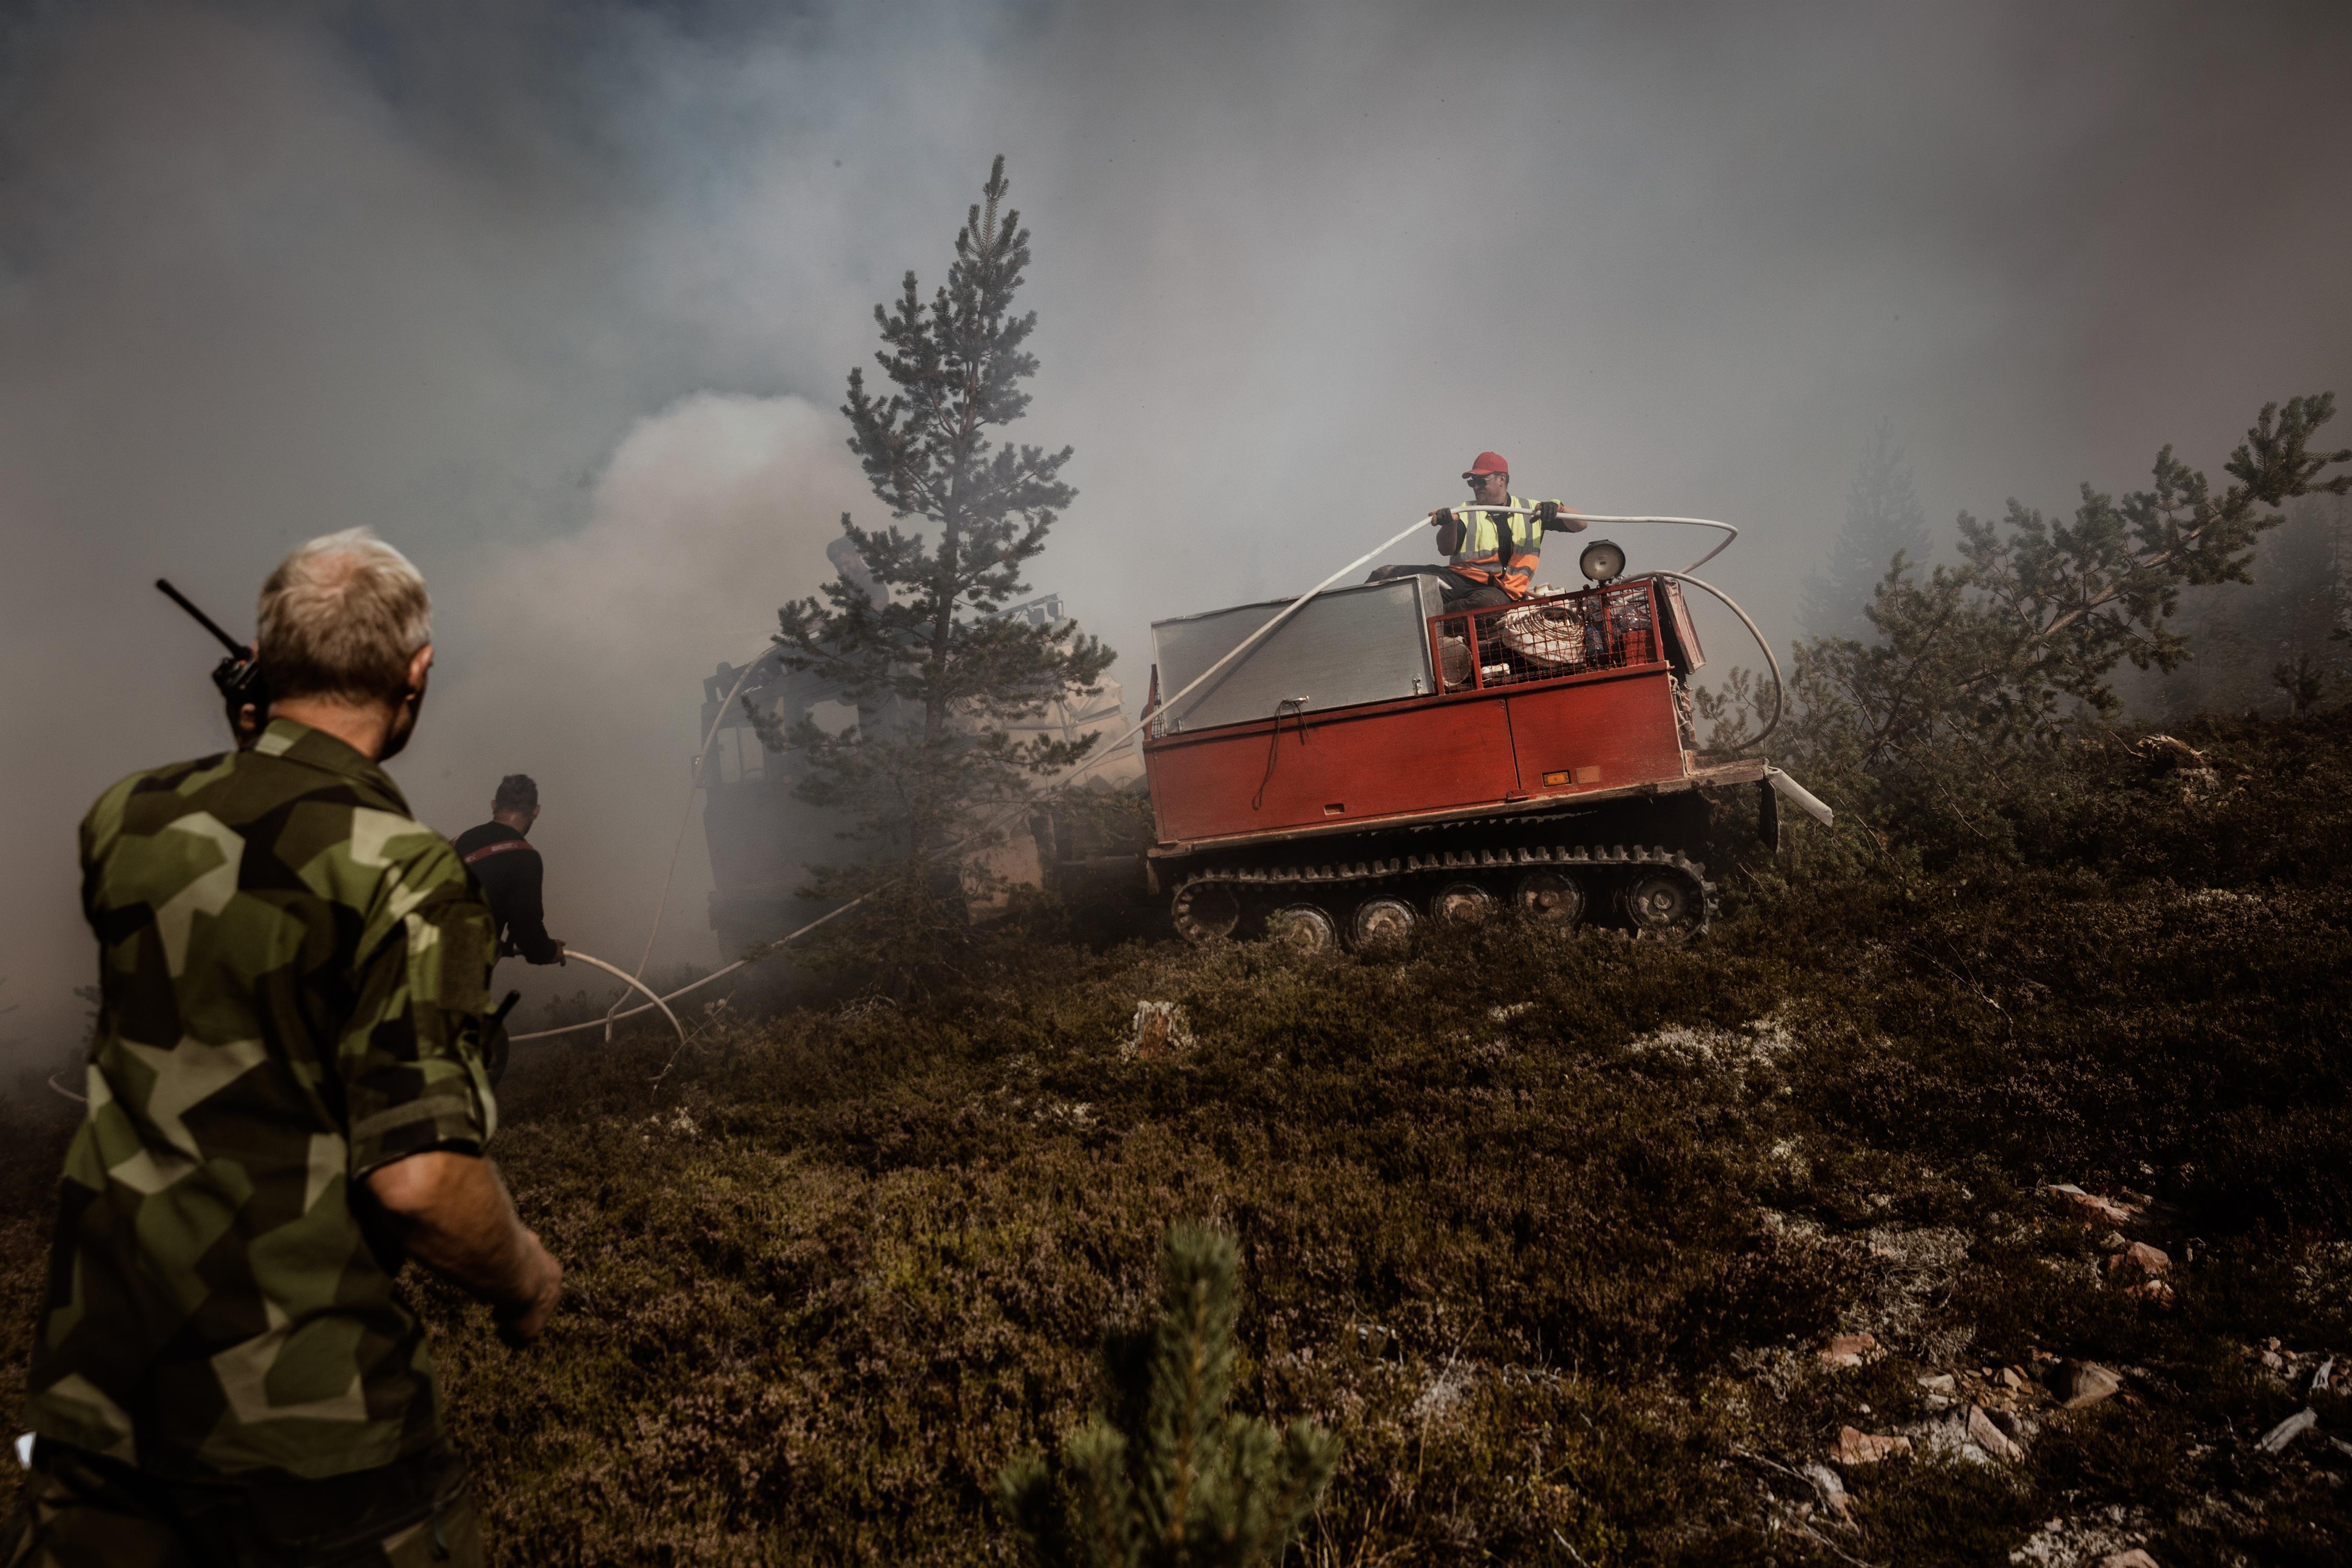 Ett reporterteam fick följa med till frontlinjen av branden på Älvdalens skjutfält när brandkaos plötsligt utbryter.